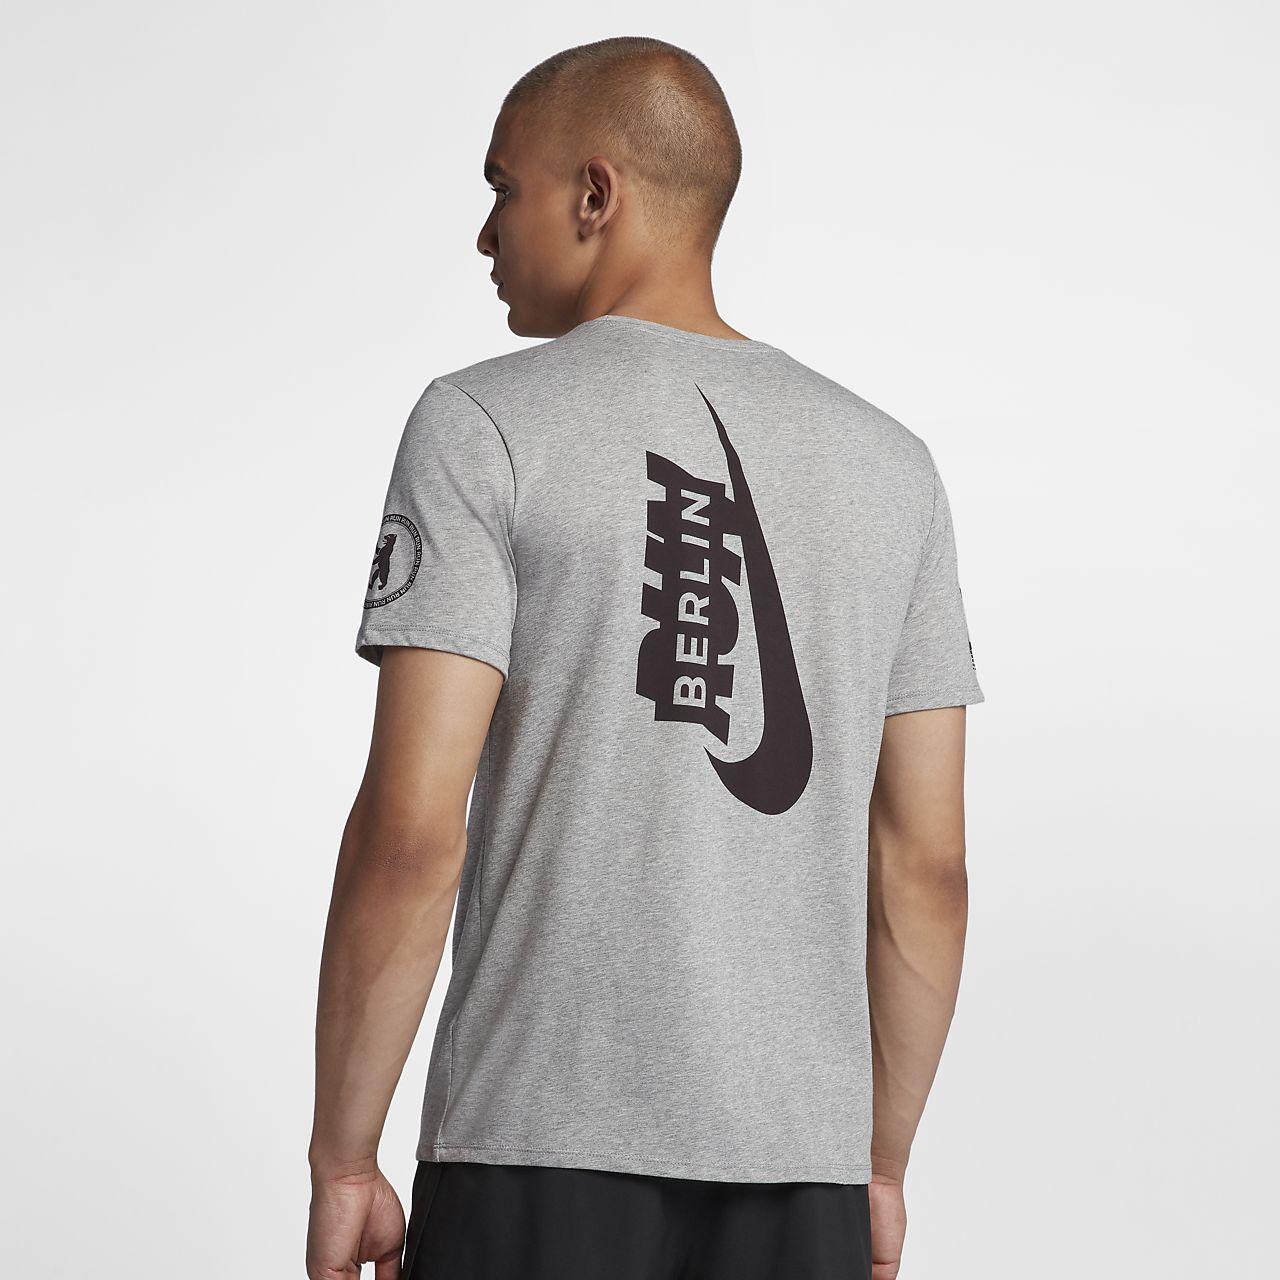 dd2d6fdc58 Nike Dri-FIT (Berlin 2018) férfi futópóló. Nike.com HU